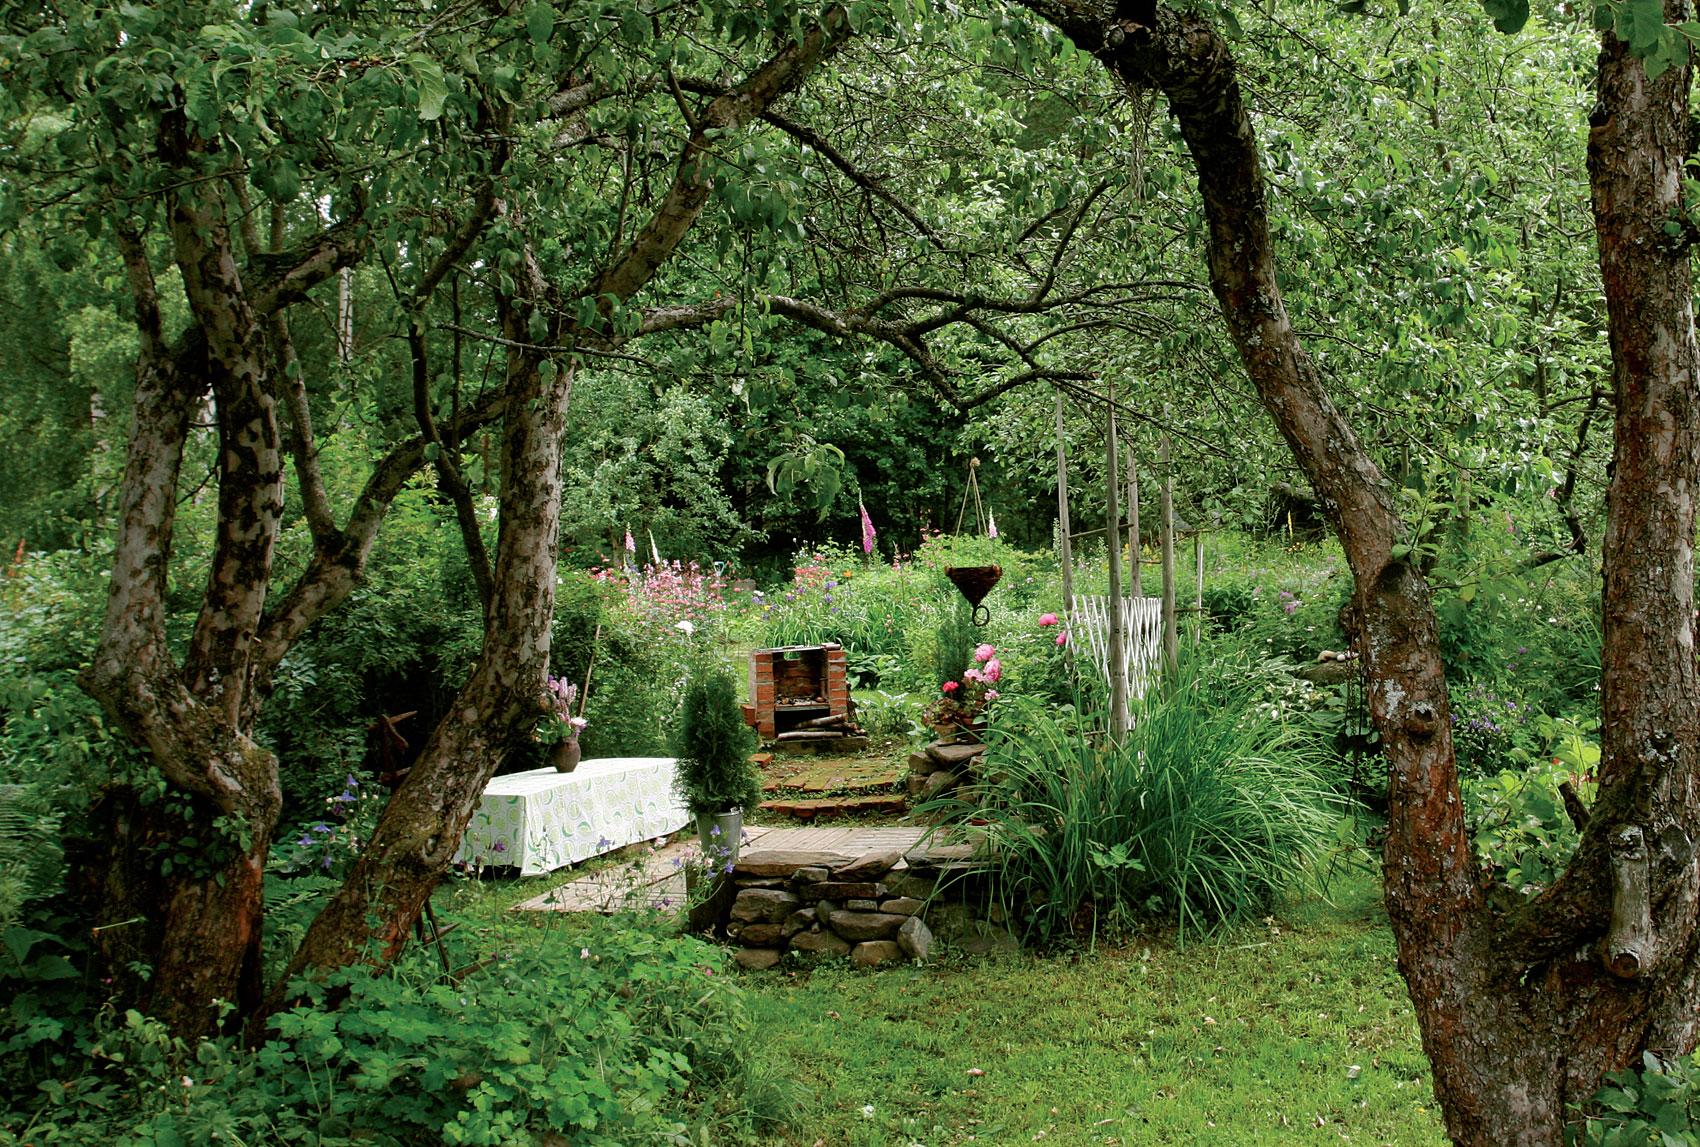 Grilli- ja ruokailupaikka sijaitsee kasvillisuuden suojassa.